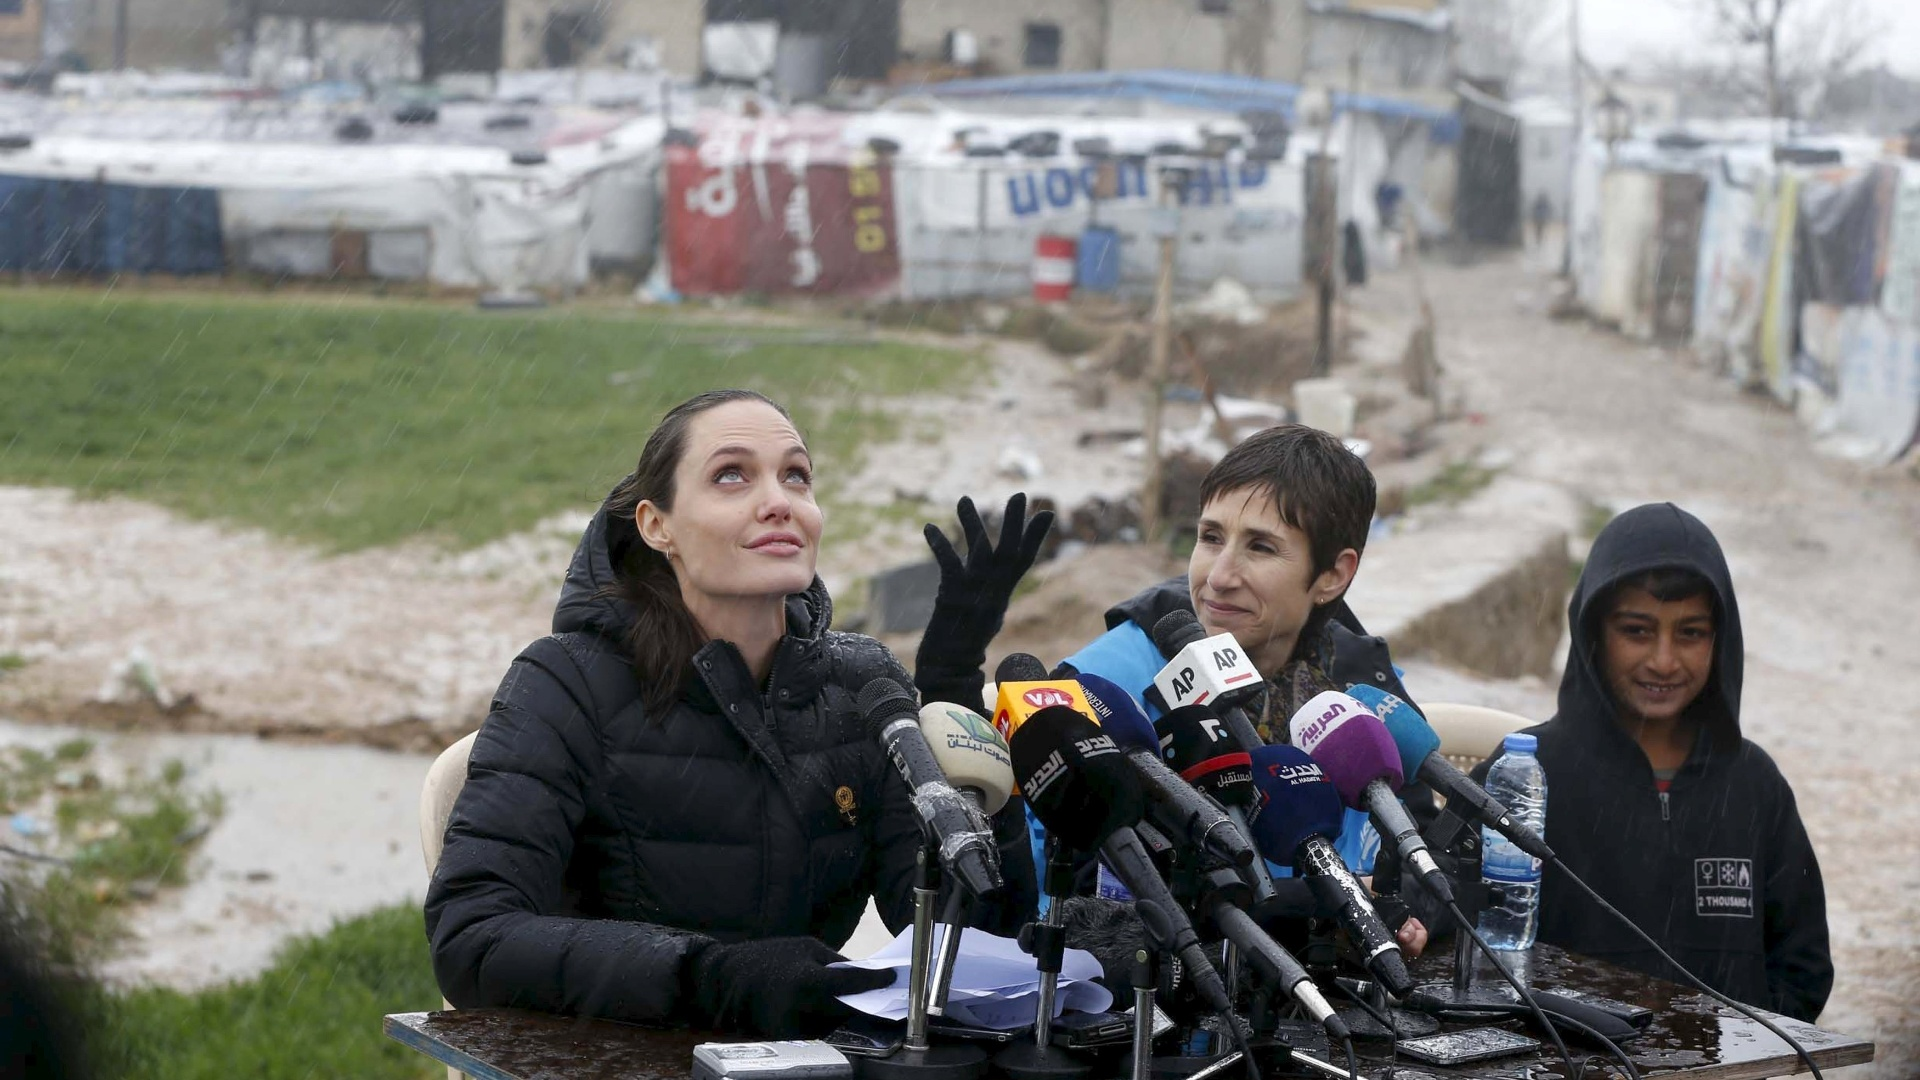 15.mar.2016 - A atriz norte-americana Angelina Jolie, embaixadora da boa vontade do Alto Comissariado da ONU para os Refugiados (Acnur), fala com a imprensa após visitar refugiados sírios no vale de Bekaa, no Líbano. Há cinco anos começavam os protestos contra o presidente sírio, Bashar al-Assad, que deram início a uma guerra civil devastadora no país